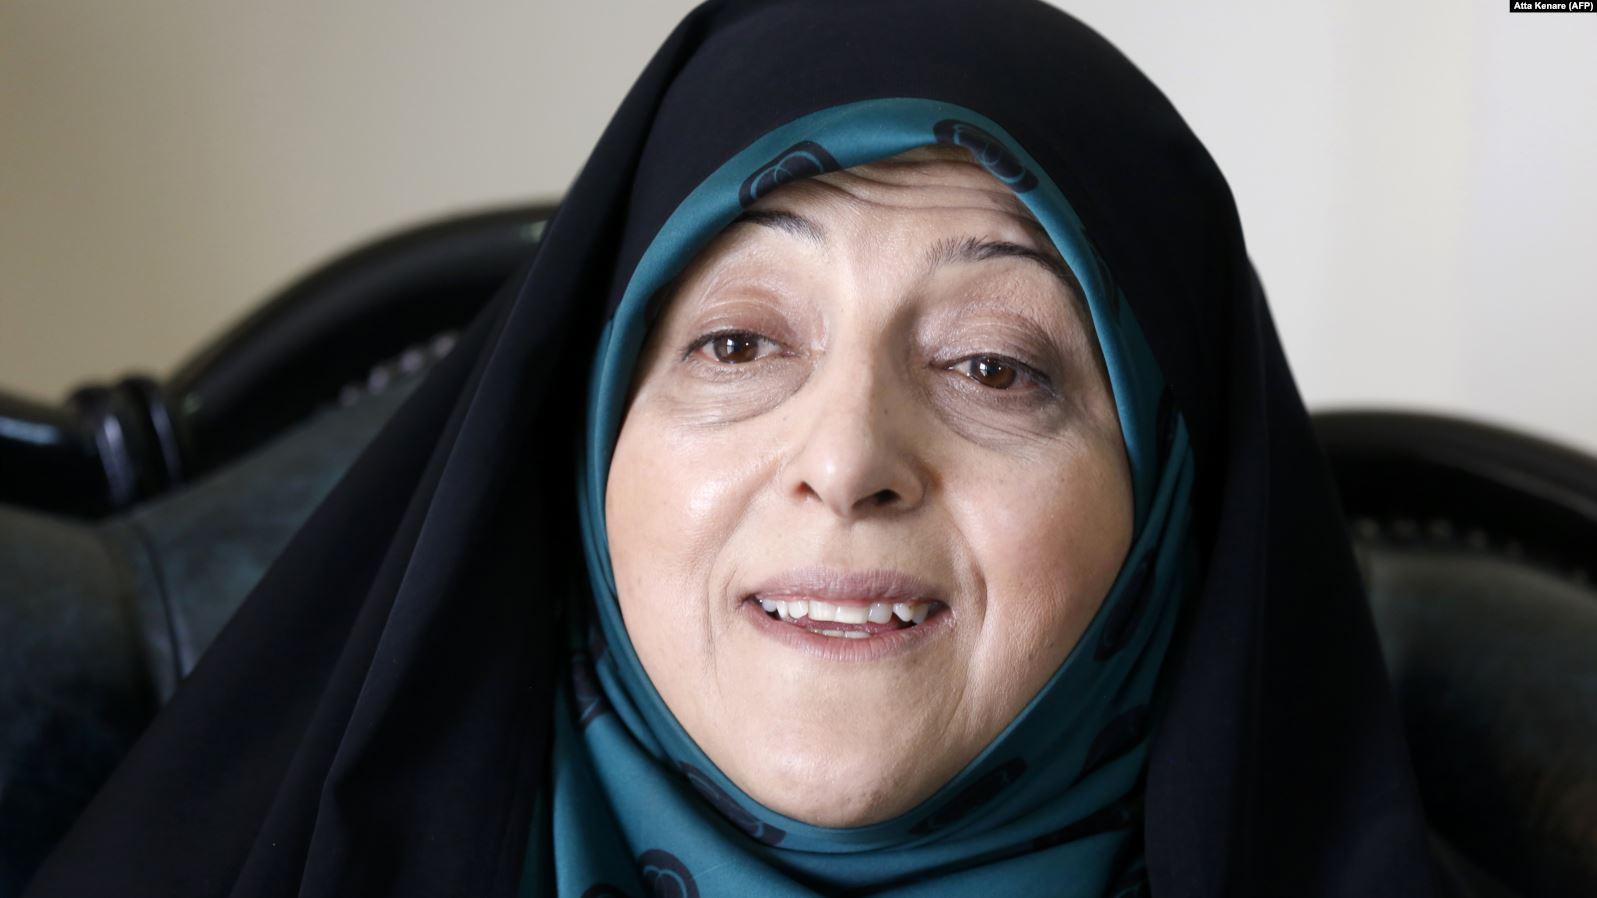 انتقاد معاون حسن روحانی از اظهارات کارشناس صدا و سیما درباره ازدواج کودکان